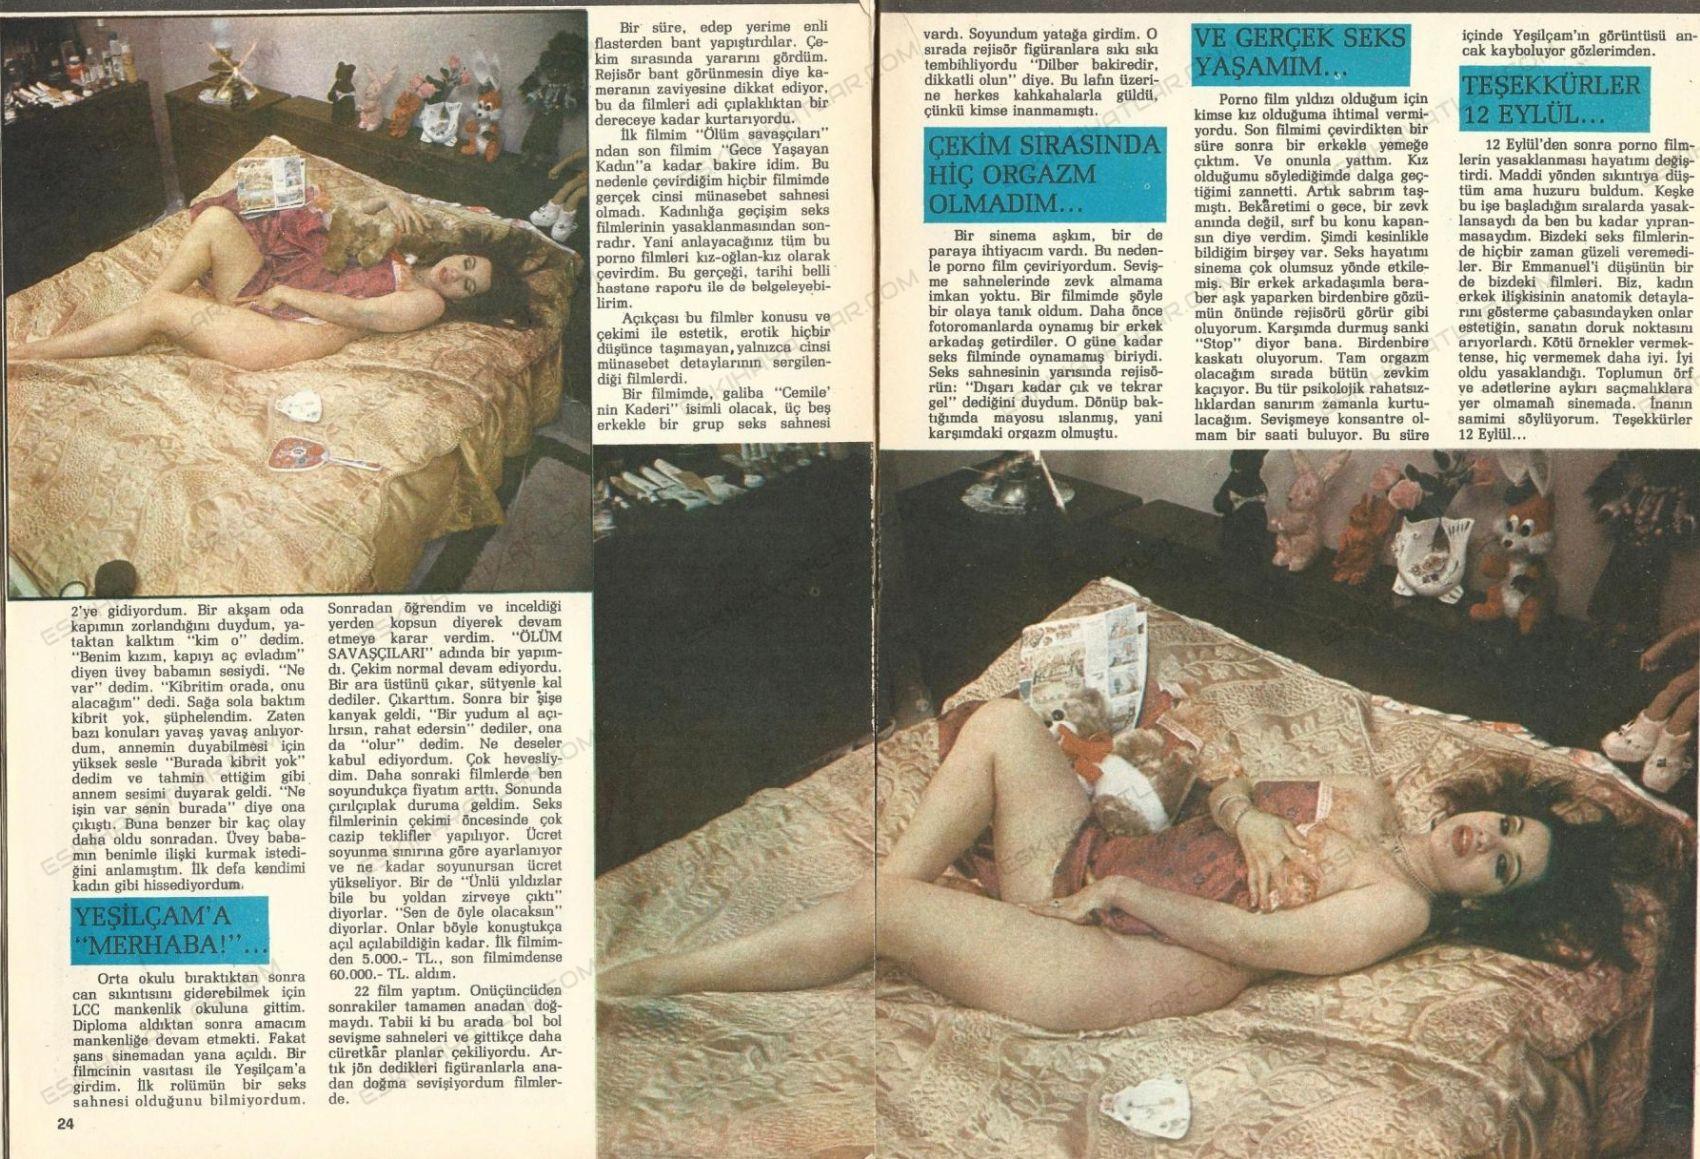 0461-yesilcam-seks-filmleri-dilberay-kimdir-dilberay-gencligi-erkekce-dergisi-arsivleri (2)